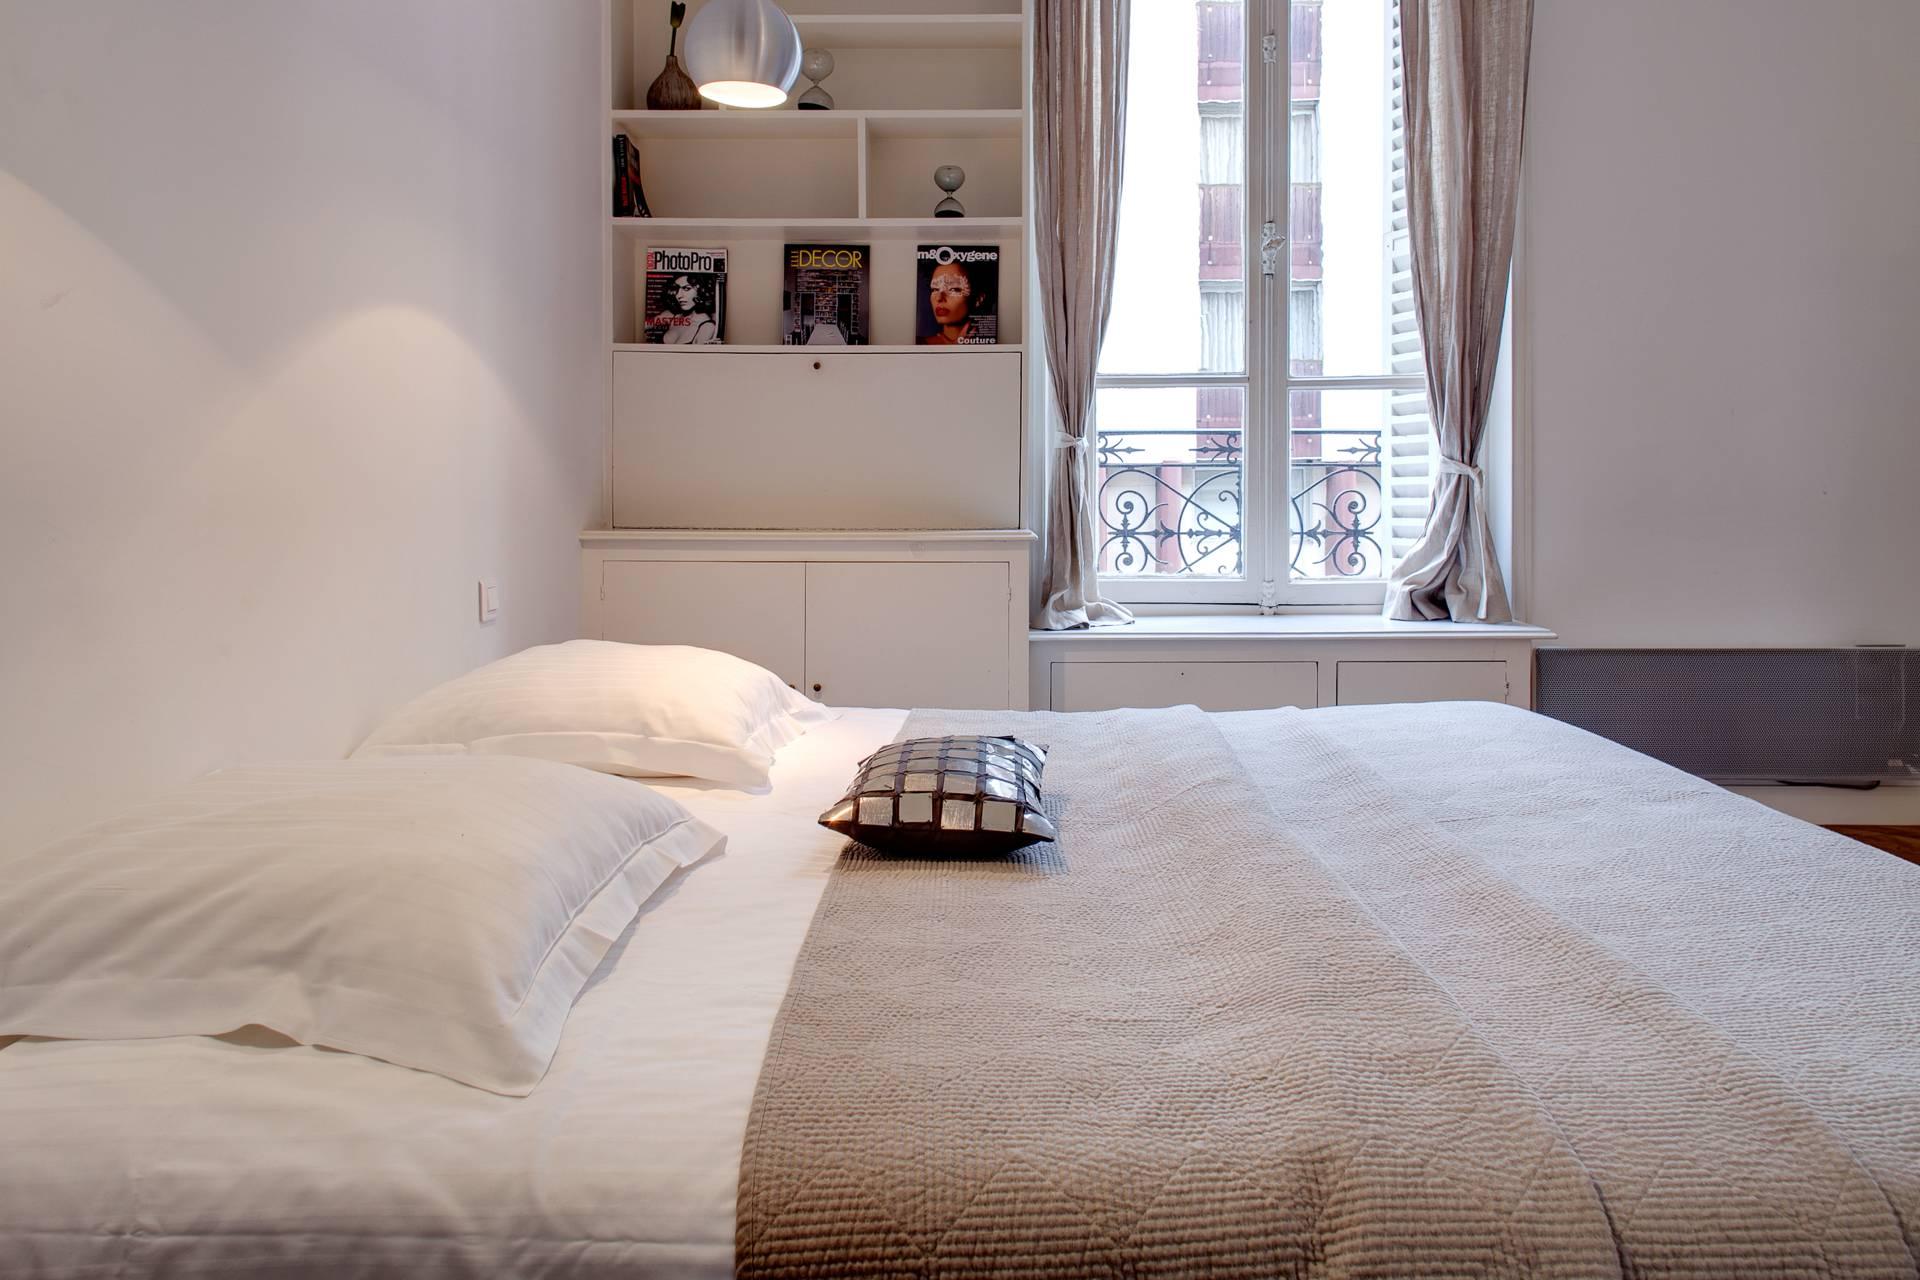 Appartement h tel des invalides paris for Appart hotel paris location au mois